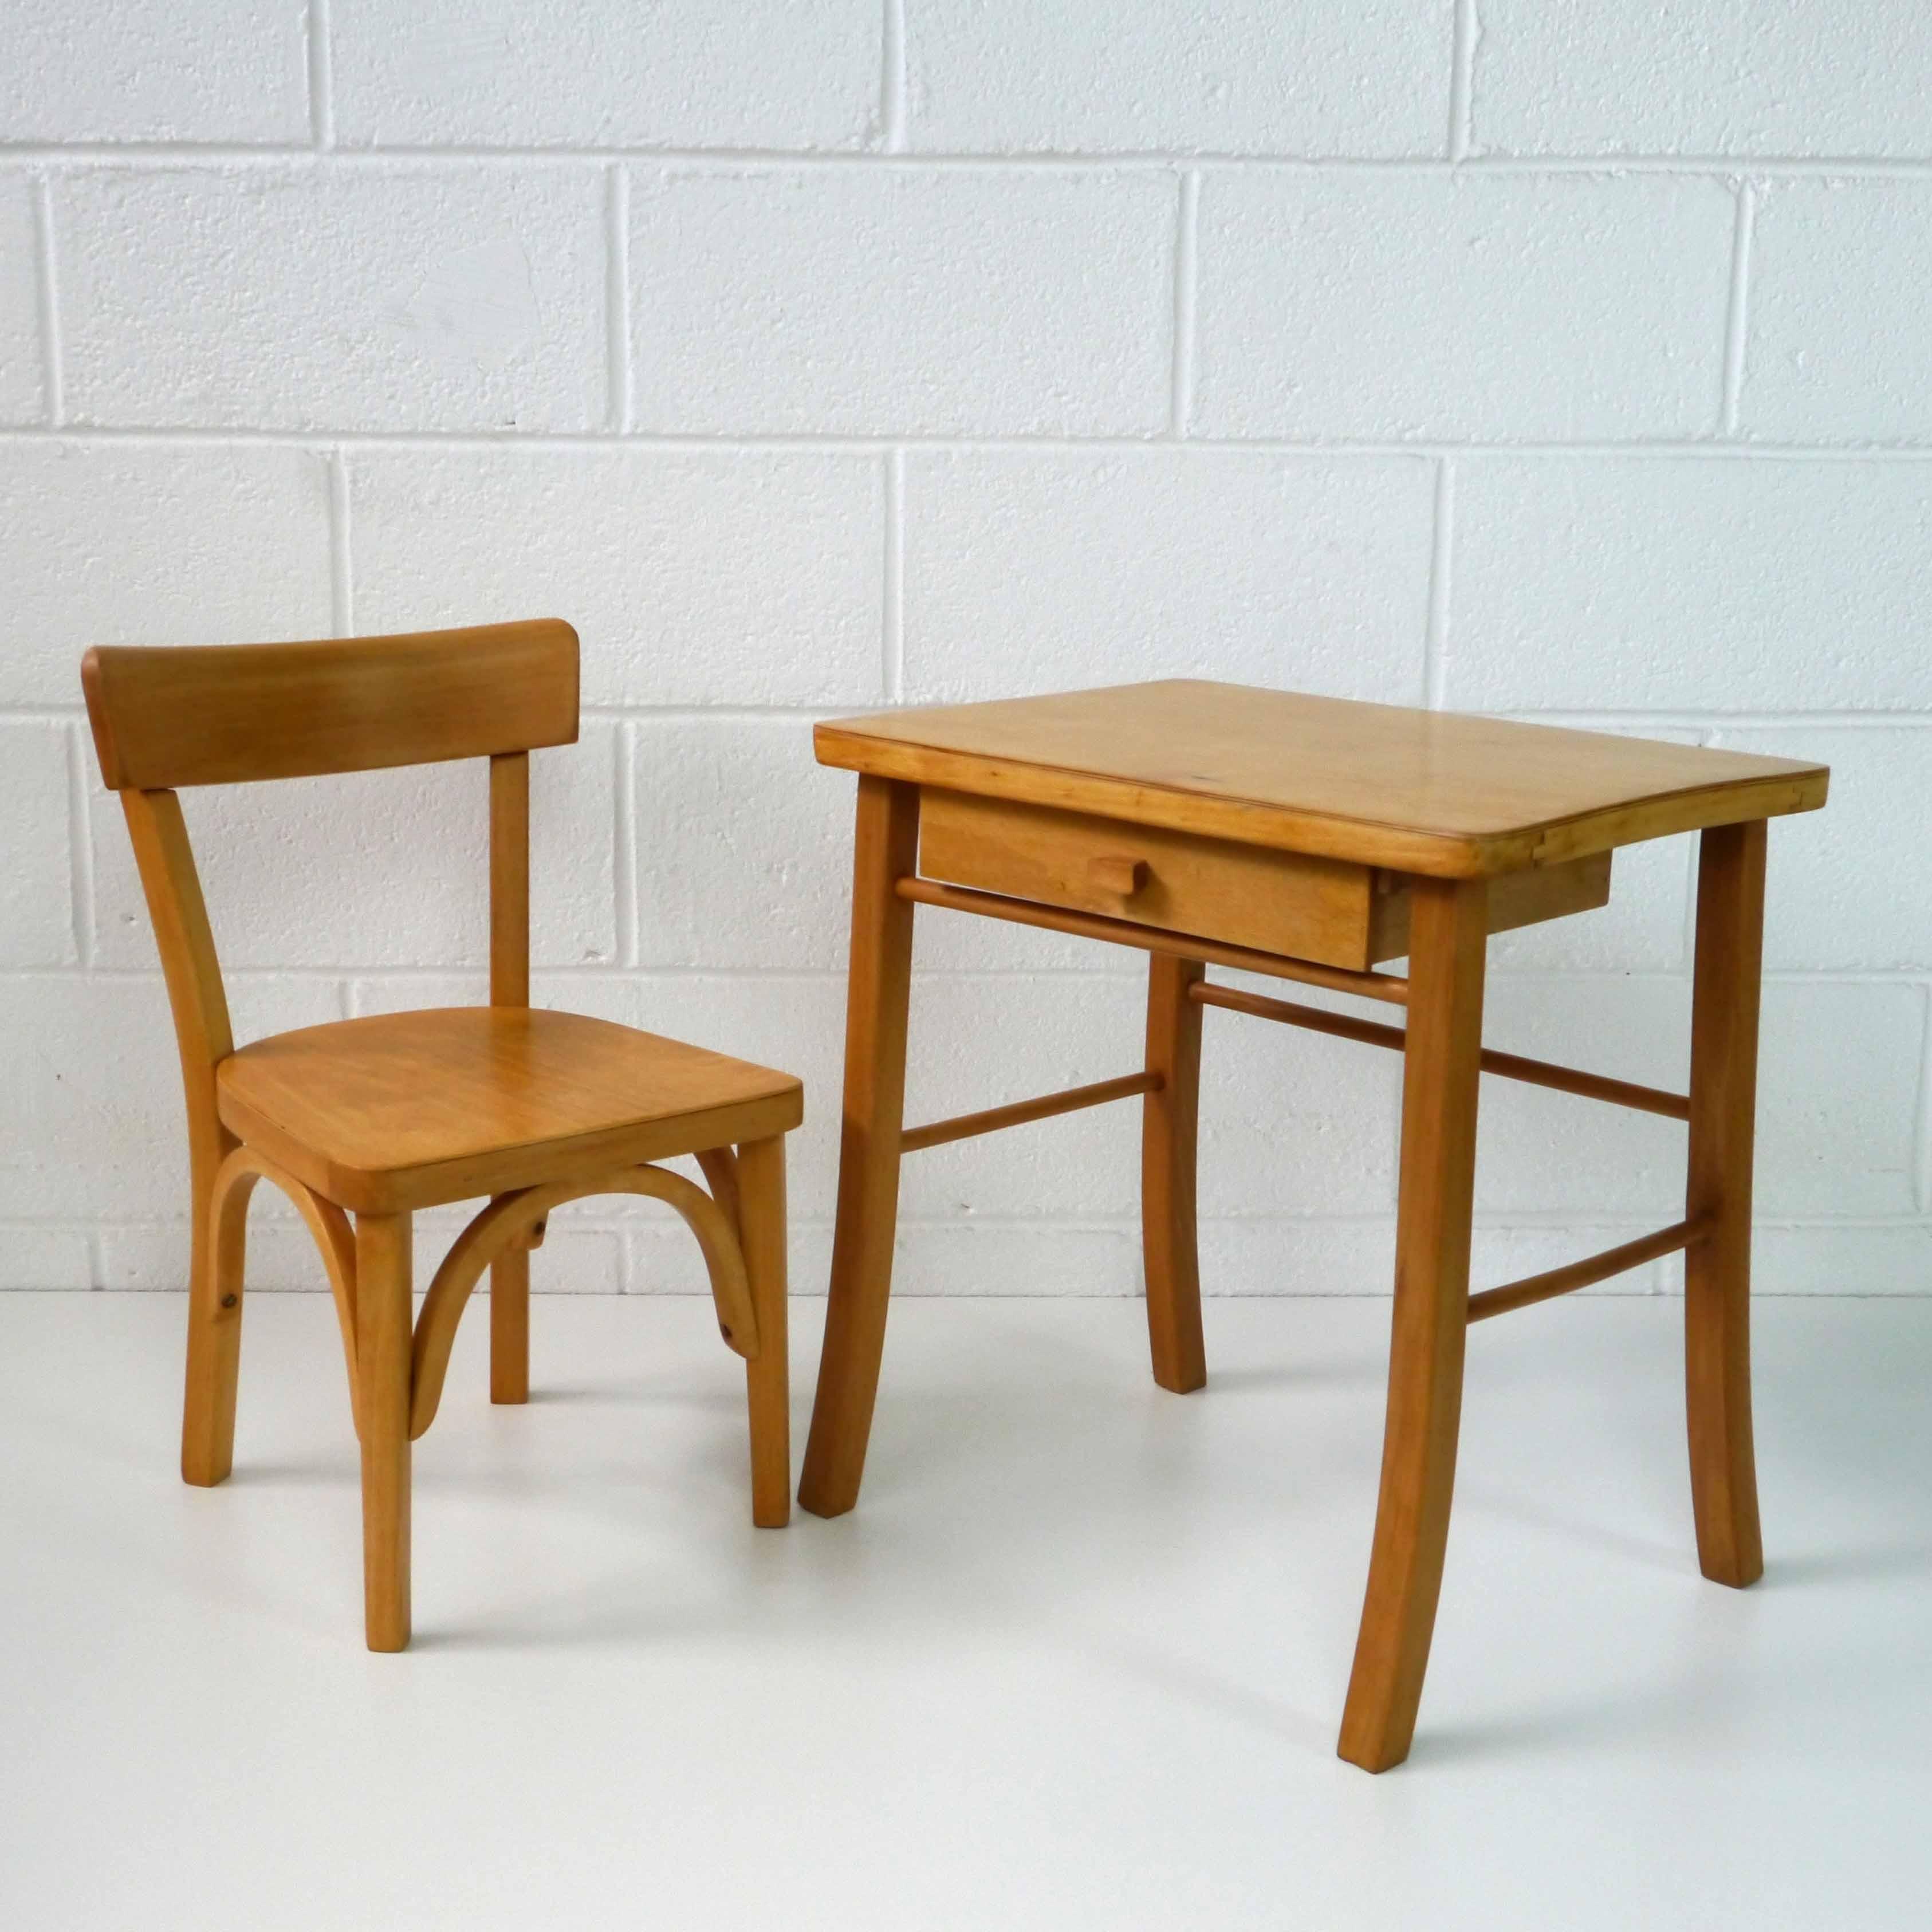 En Pour Verni Chaise Hêtre 1960 Enfant Bureau Baumann rBQCthdxs